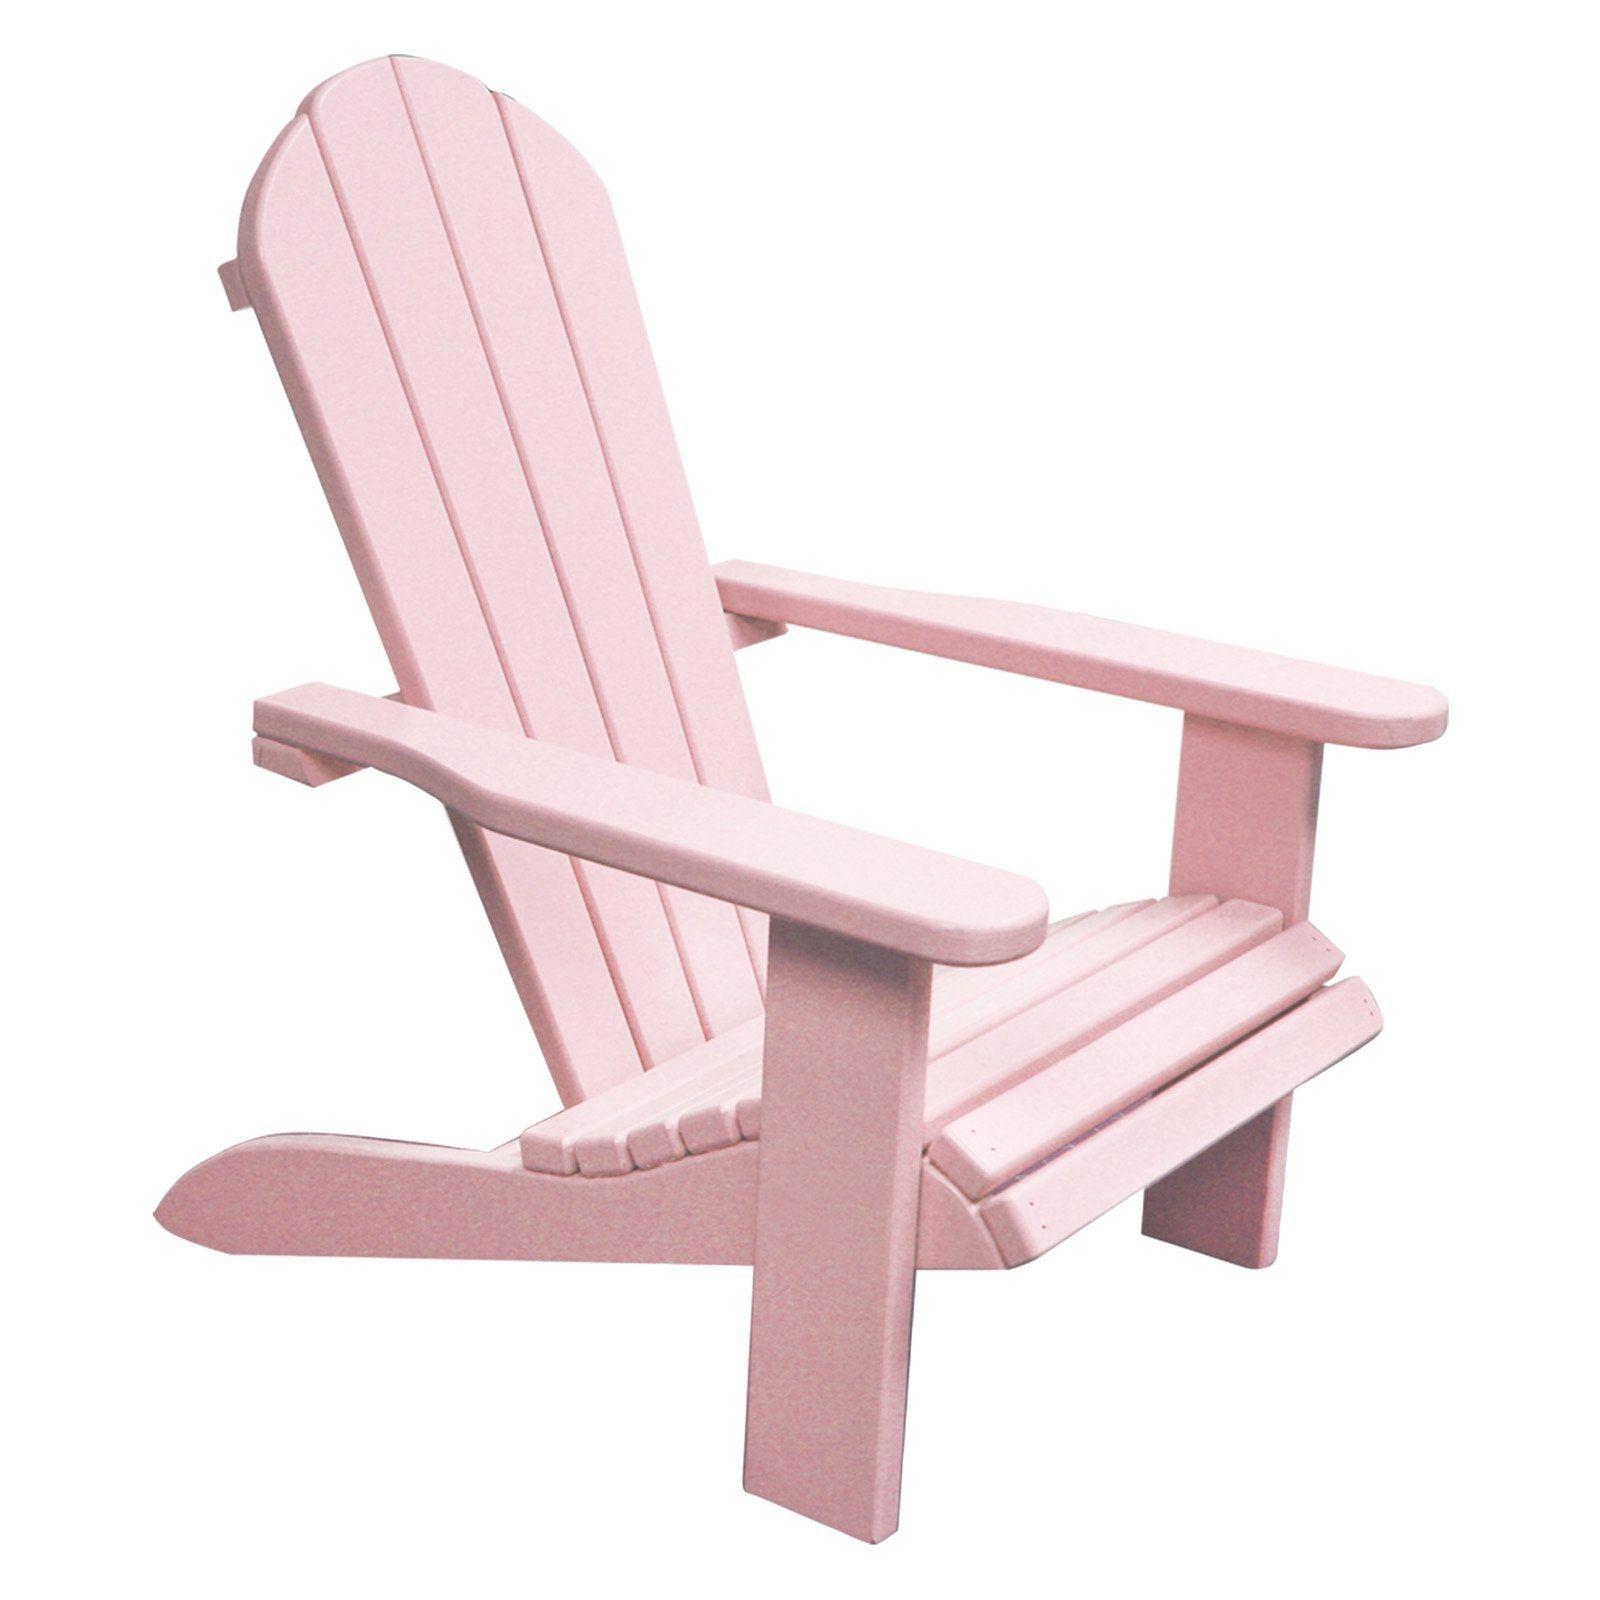 Kids Plastic Adirondack Chair